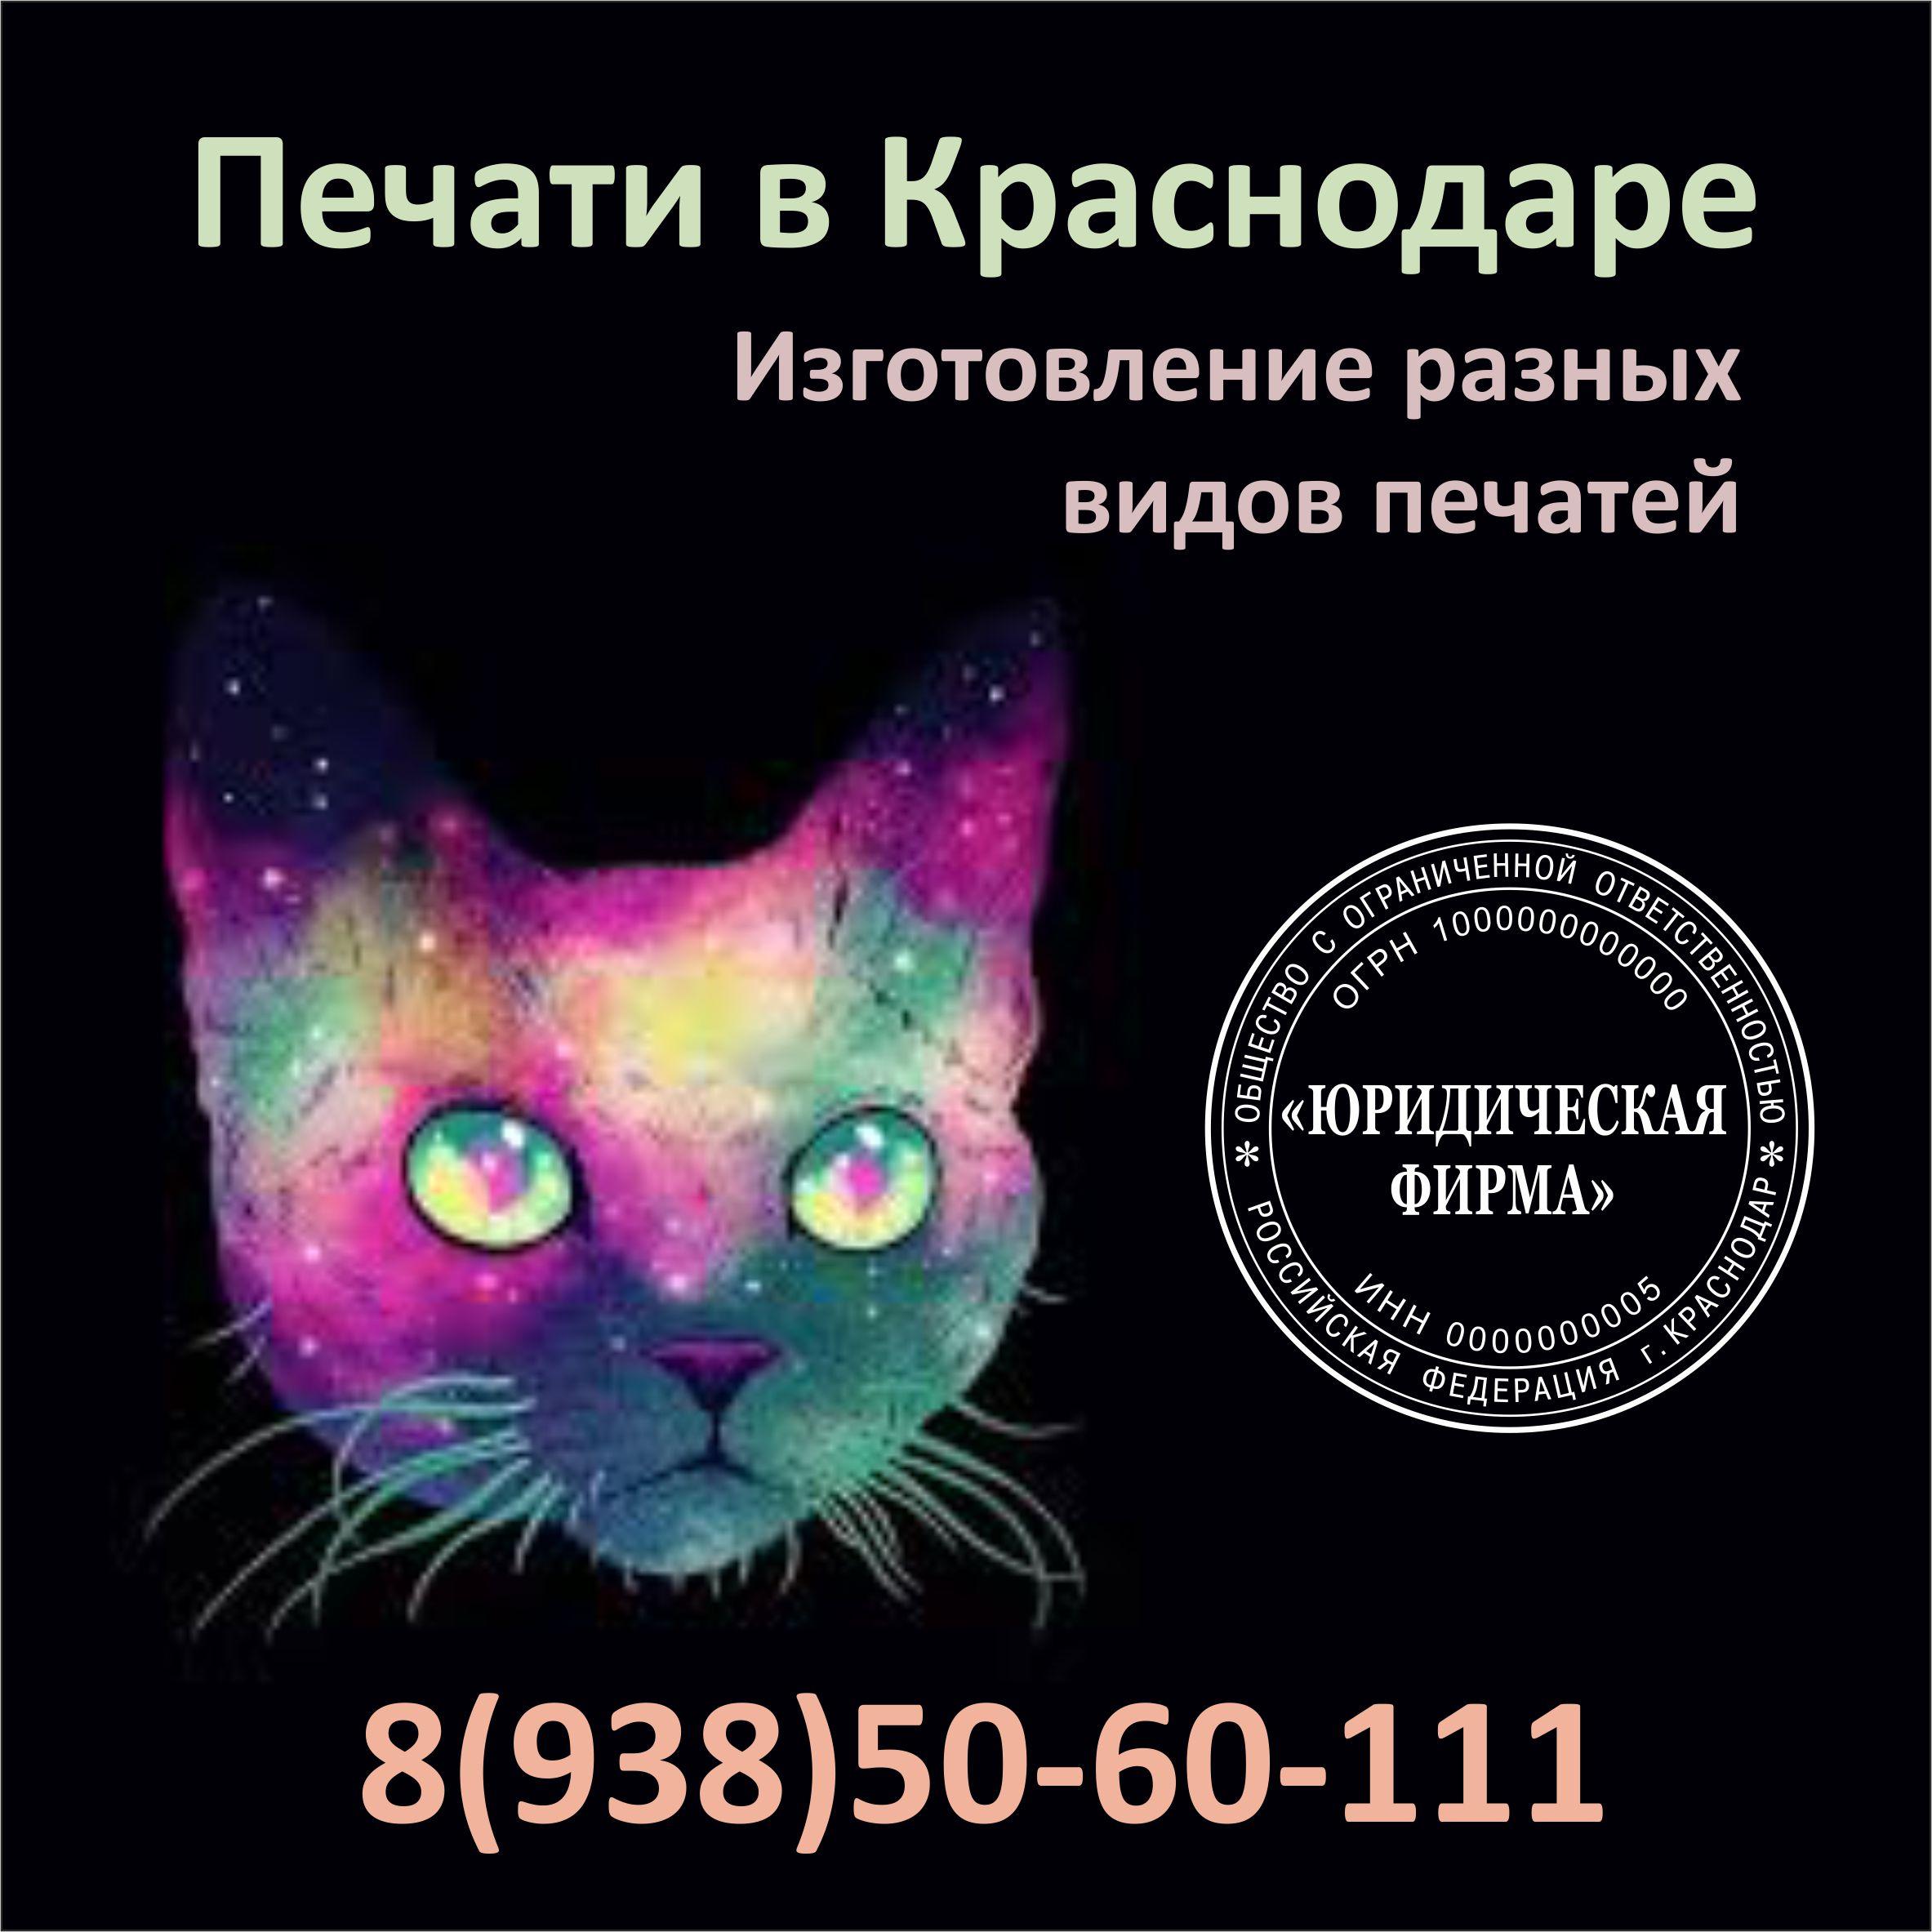 Заказать печати Краснодар